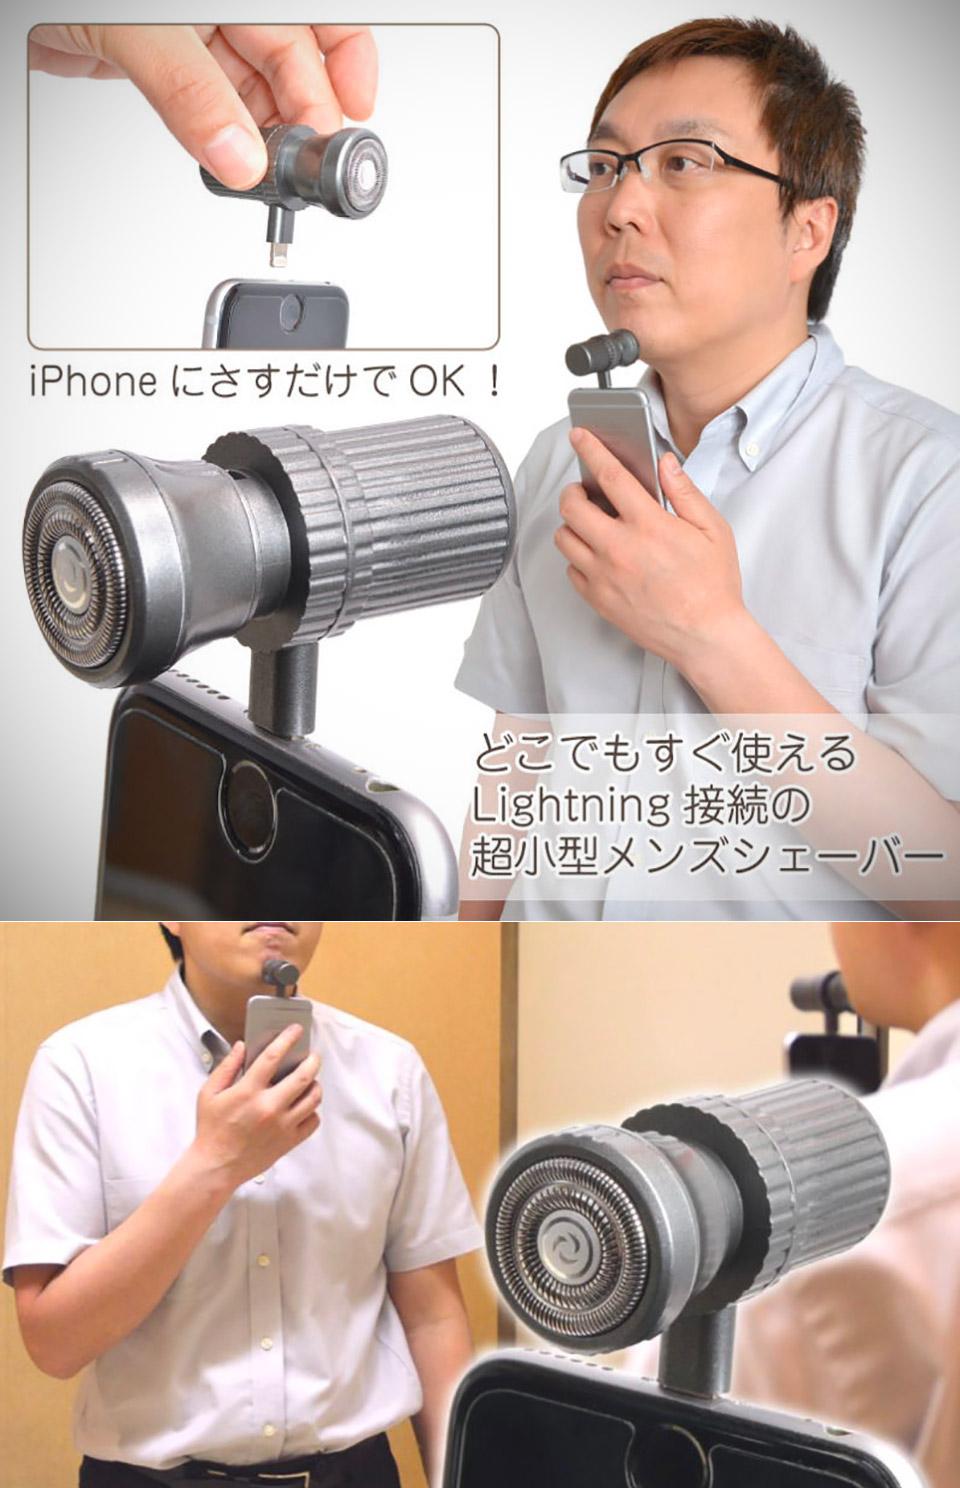 iPhone Shaver Attachment Accessory